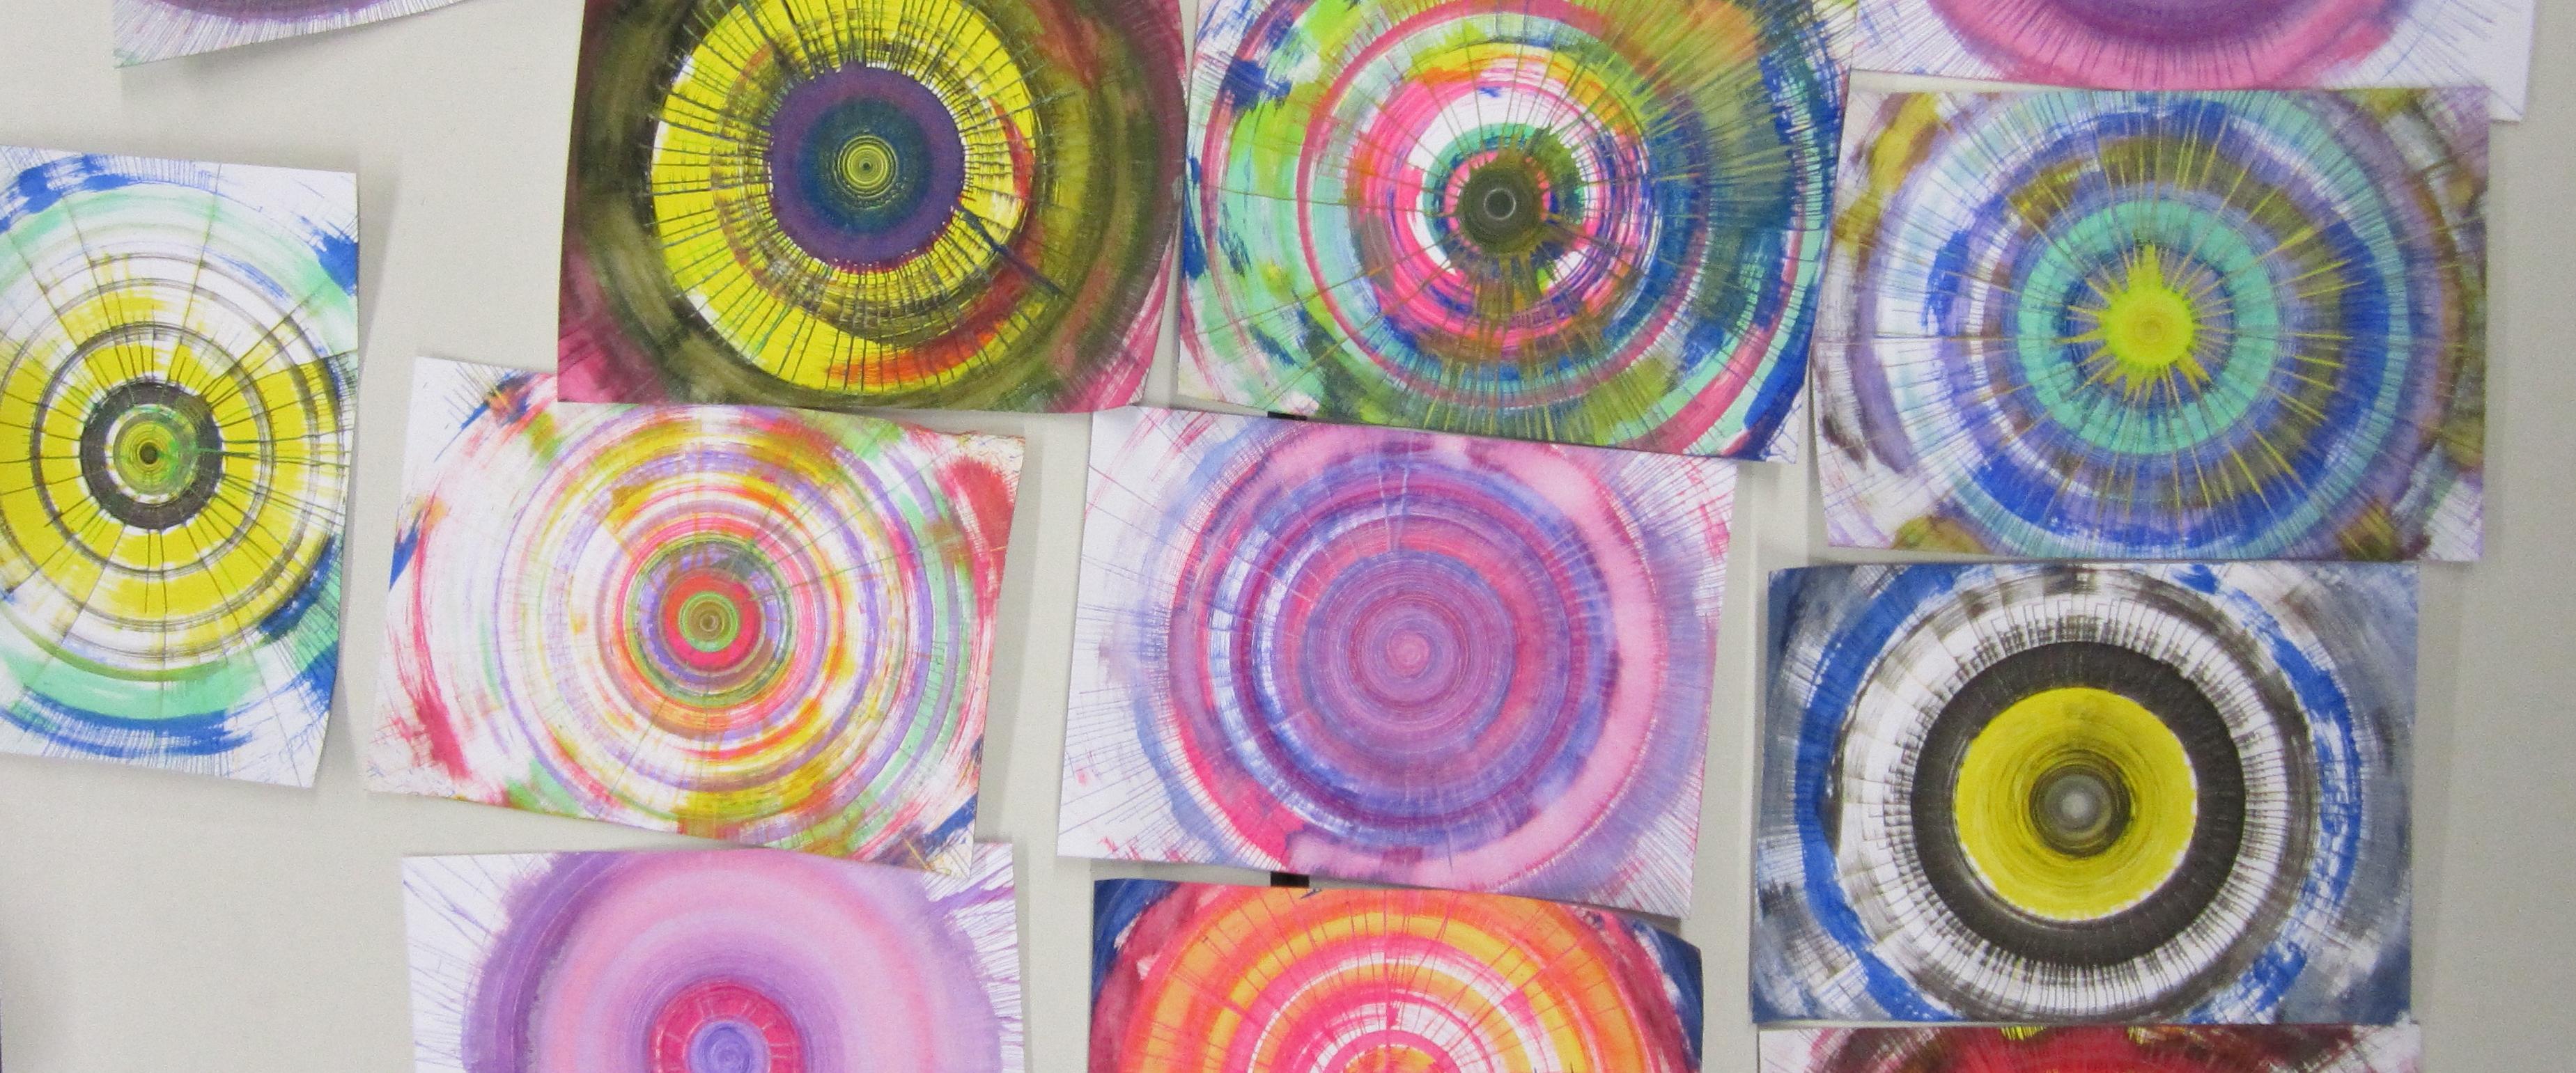 Farbschleuder Kunstschule Ahaus